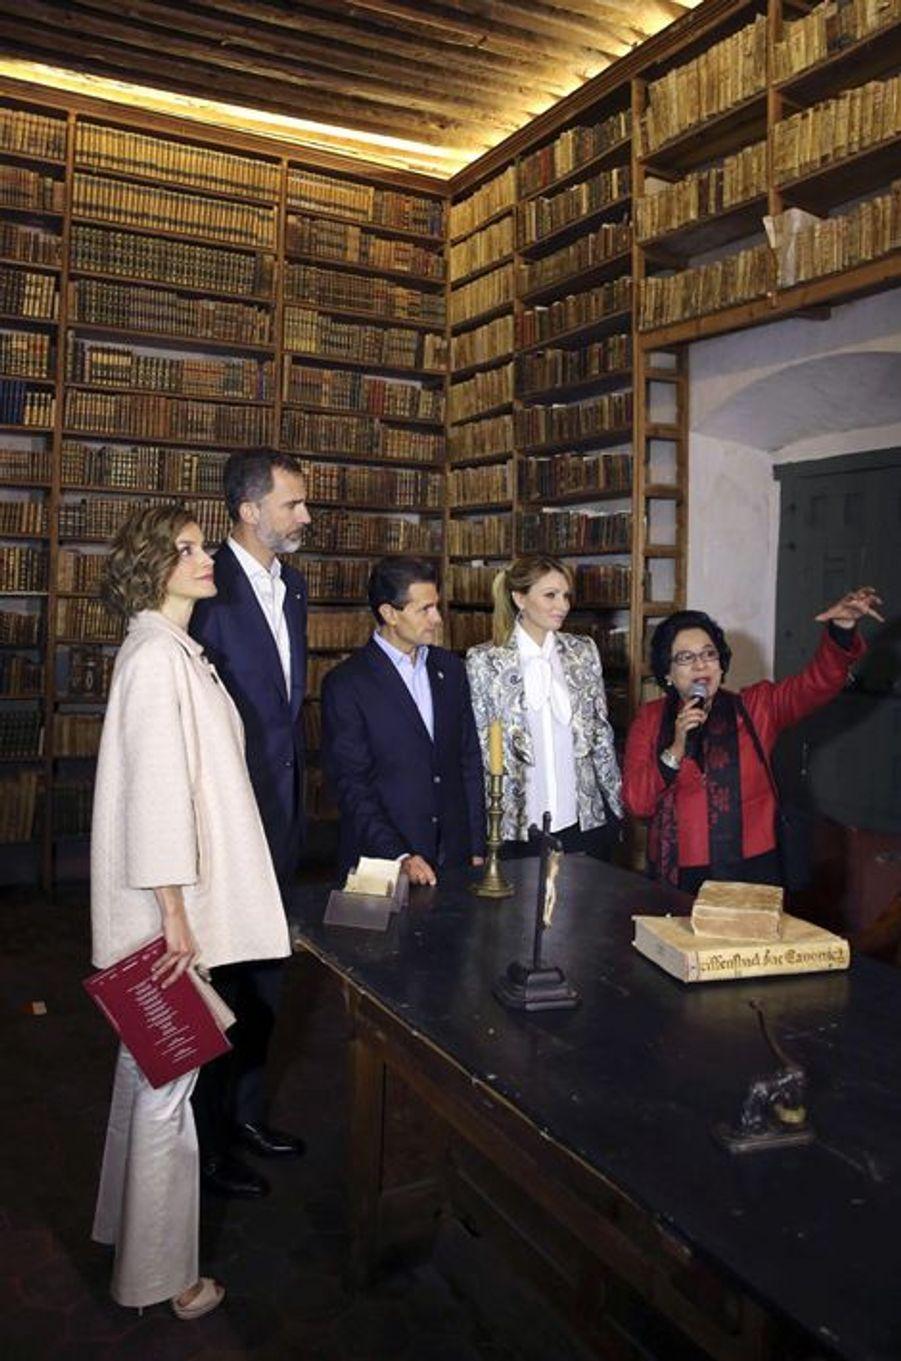 La reine Letizia et le roi Felipe VI avec le président mexicain et sa femme à Guadalupe, le 1er juillet 2015